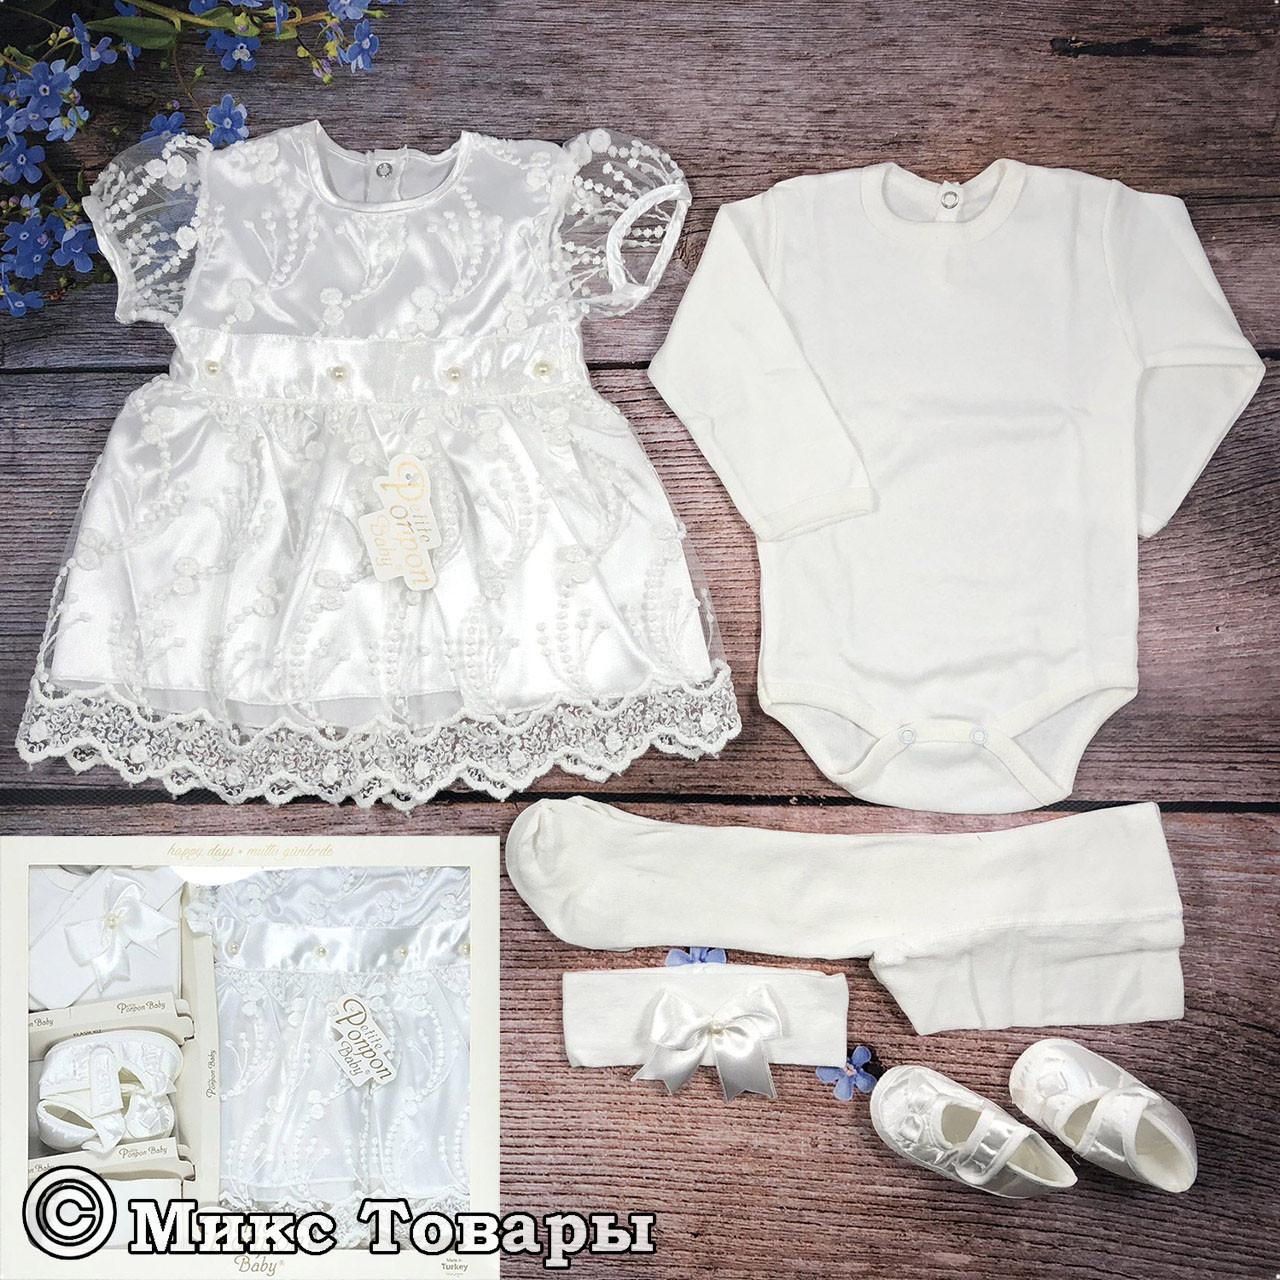 Крестильный набор с платьем и колготами Размер: 0-3 месяца (7644)